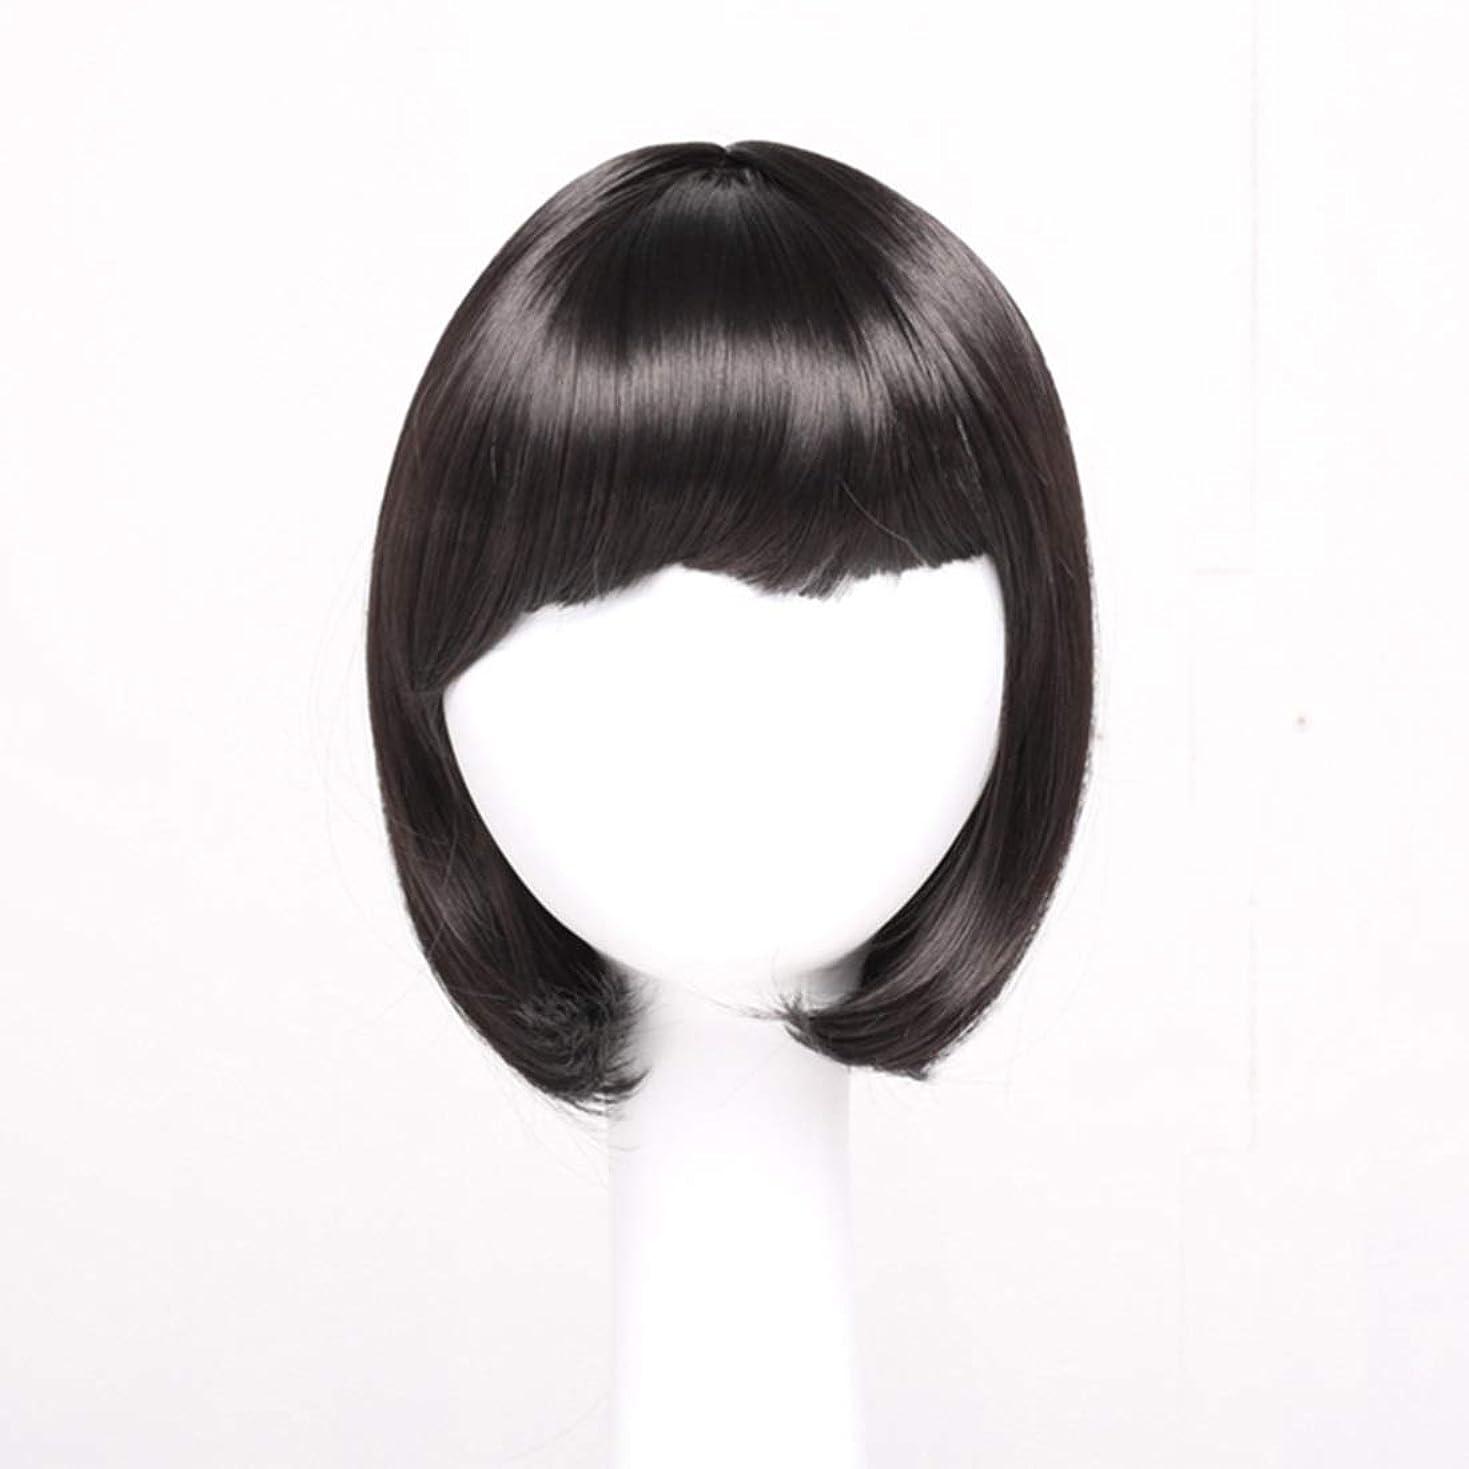 メンタリティ蓄積する中古Summerys ショートボブの髪ウィッグストレート前髪付き合成カラフルなコスプレデイリーパーティーウィッグ本物の髪として自然な女性のための